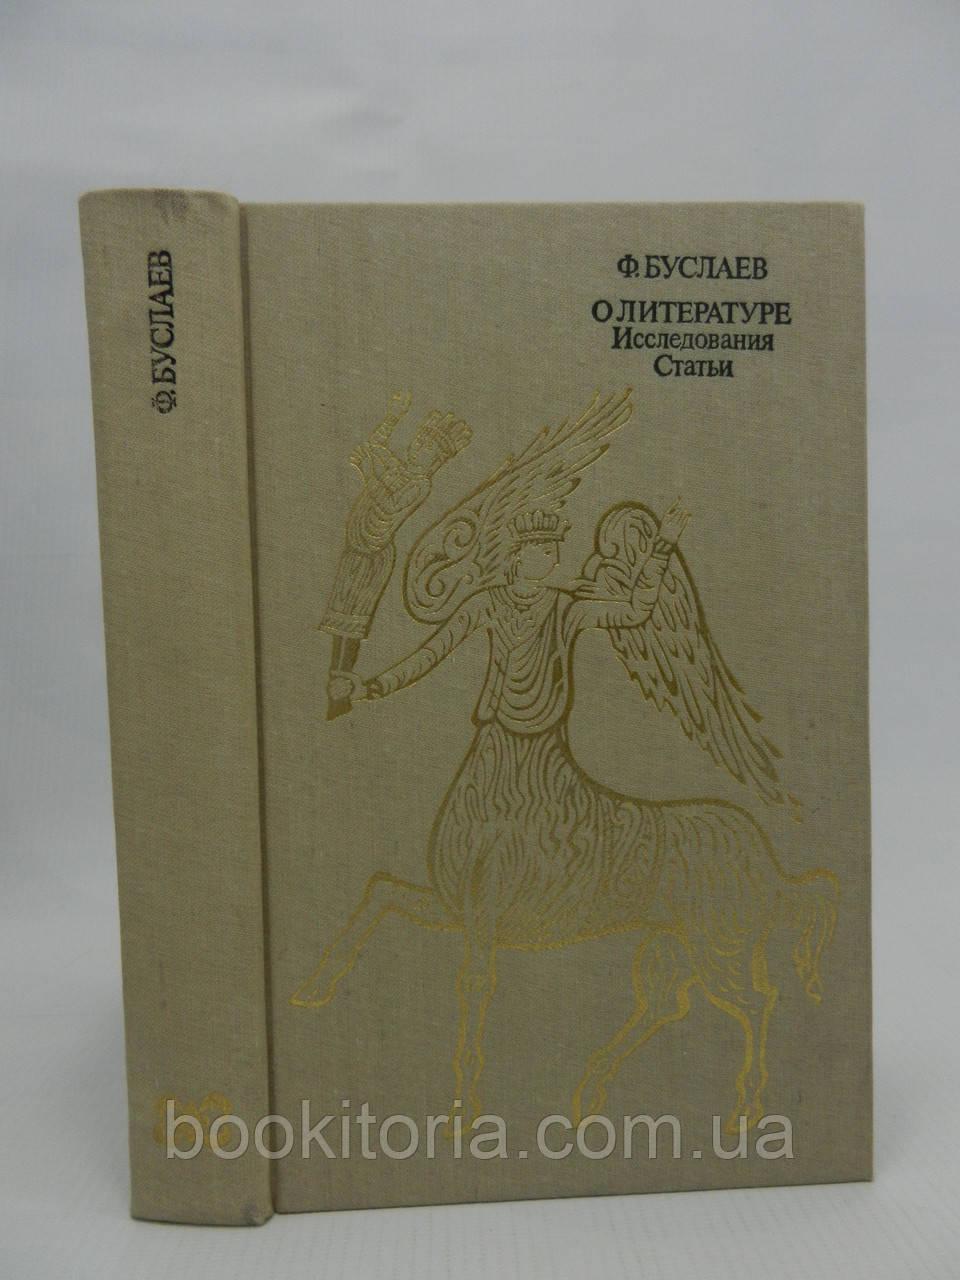 Буслаев Ф. О литературе: Исследования. Статьи (б/у)., фото 1